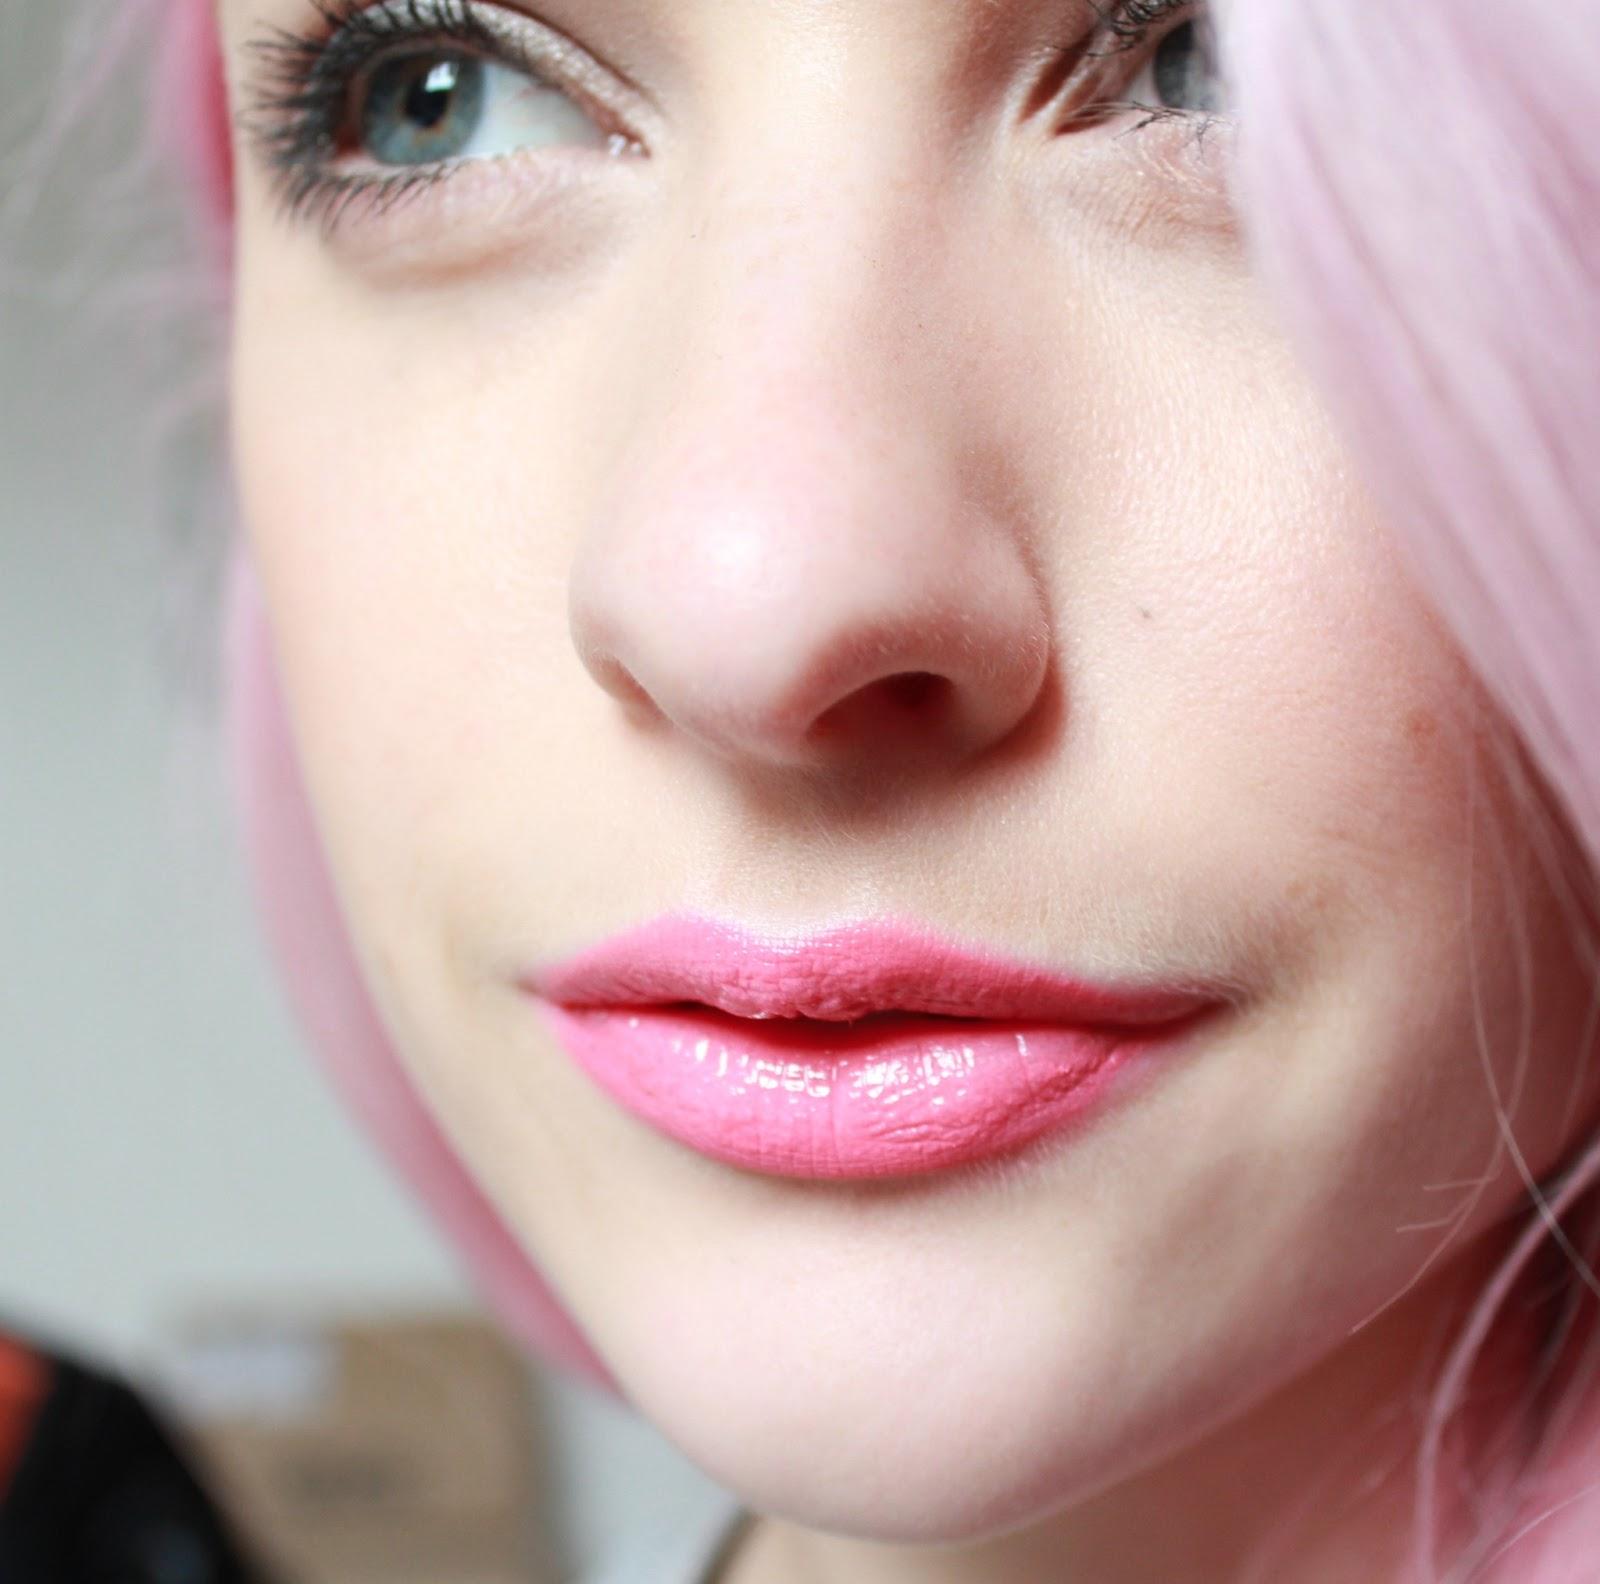 Bobbi Brown High Shimmer Lip Gloss in Bare Sparkle